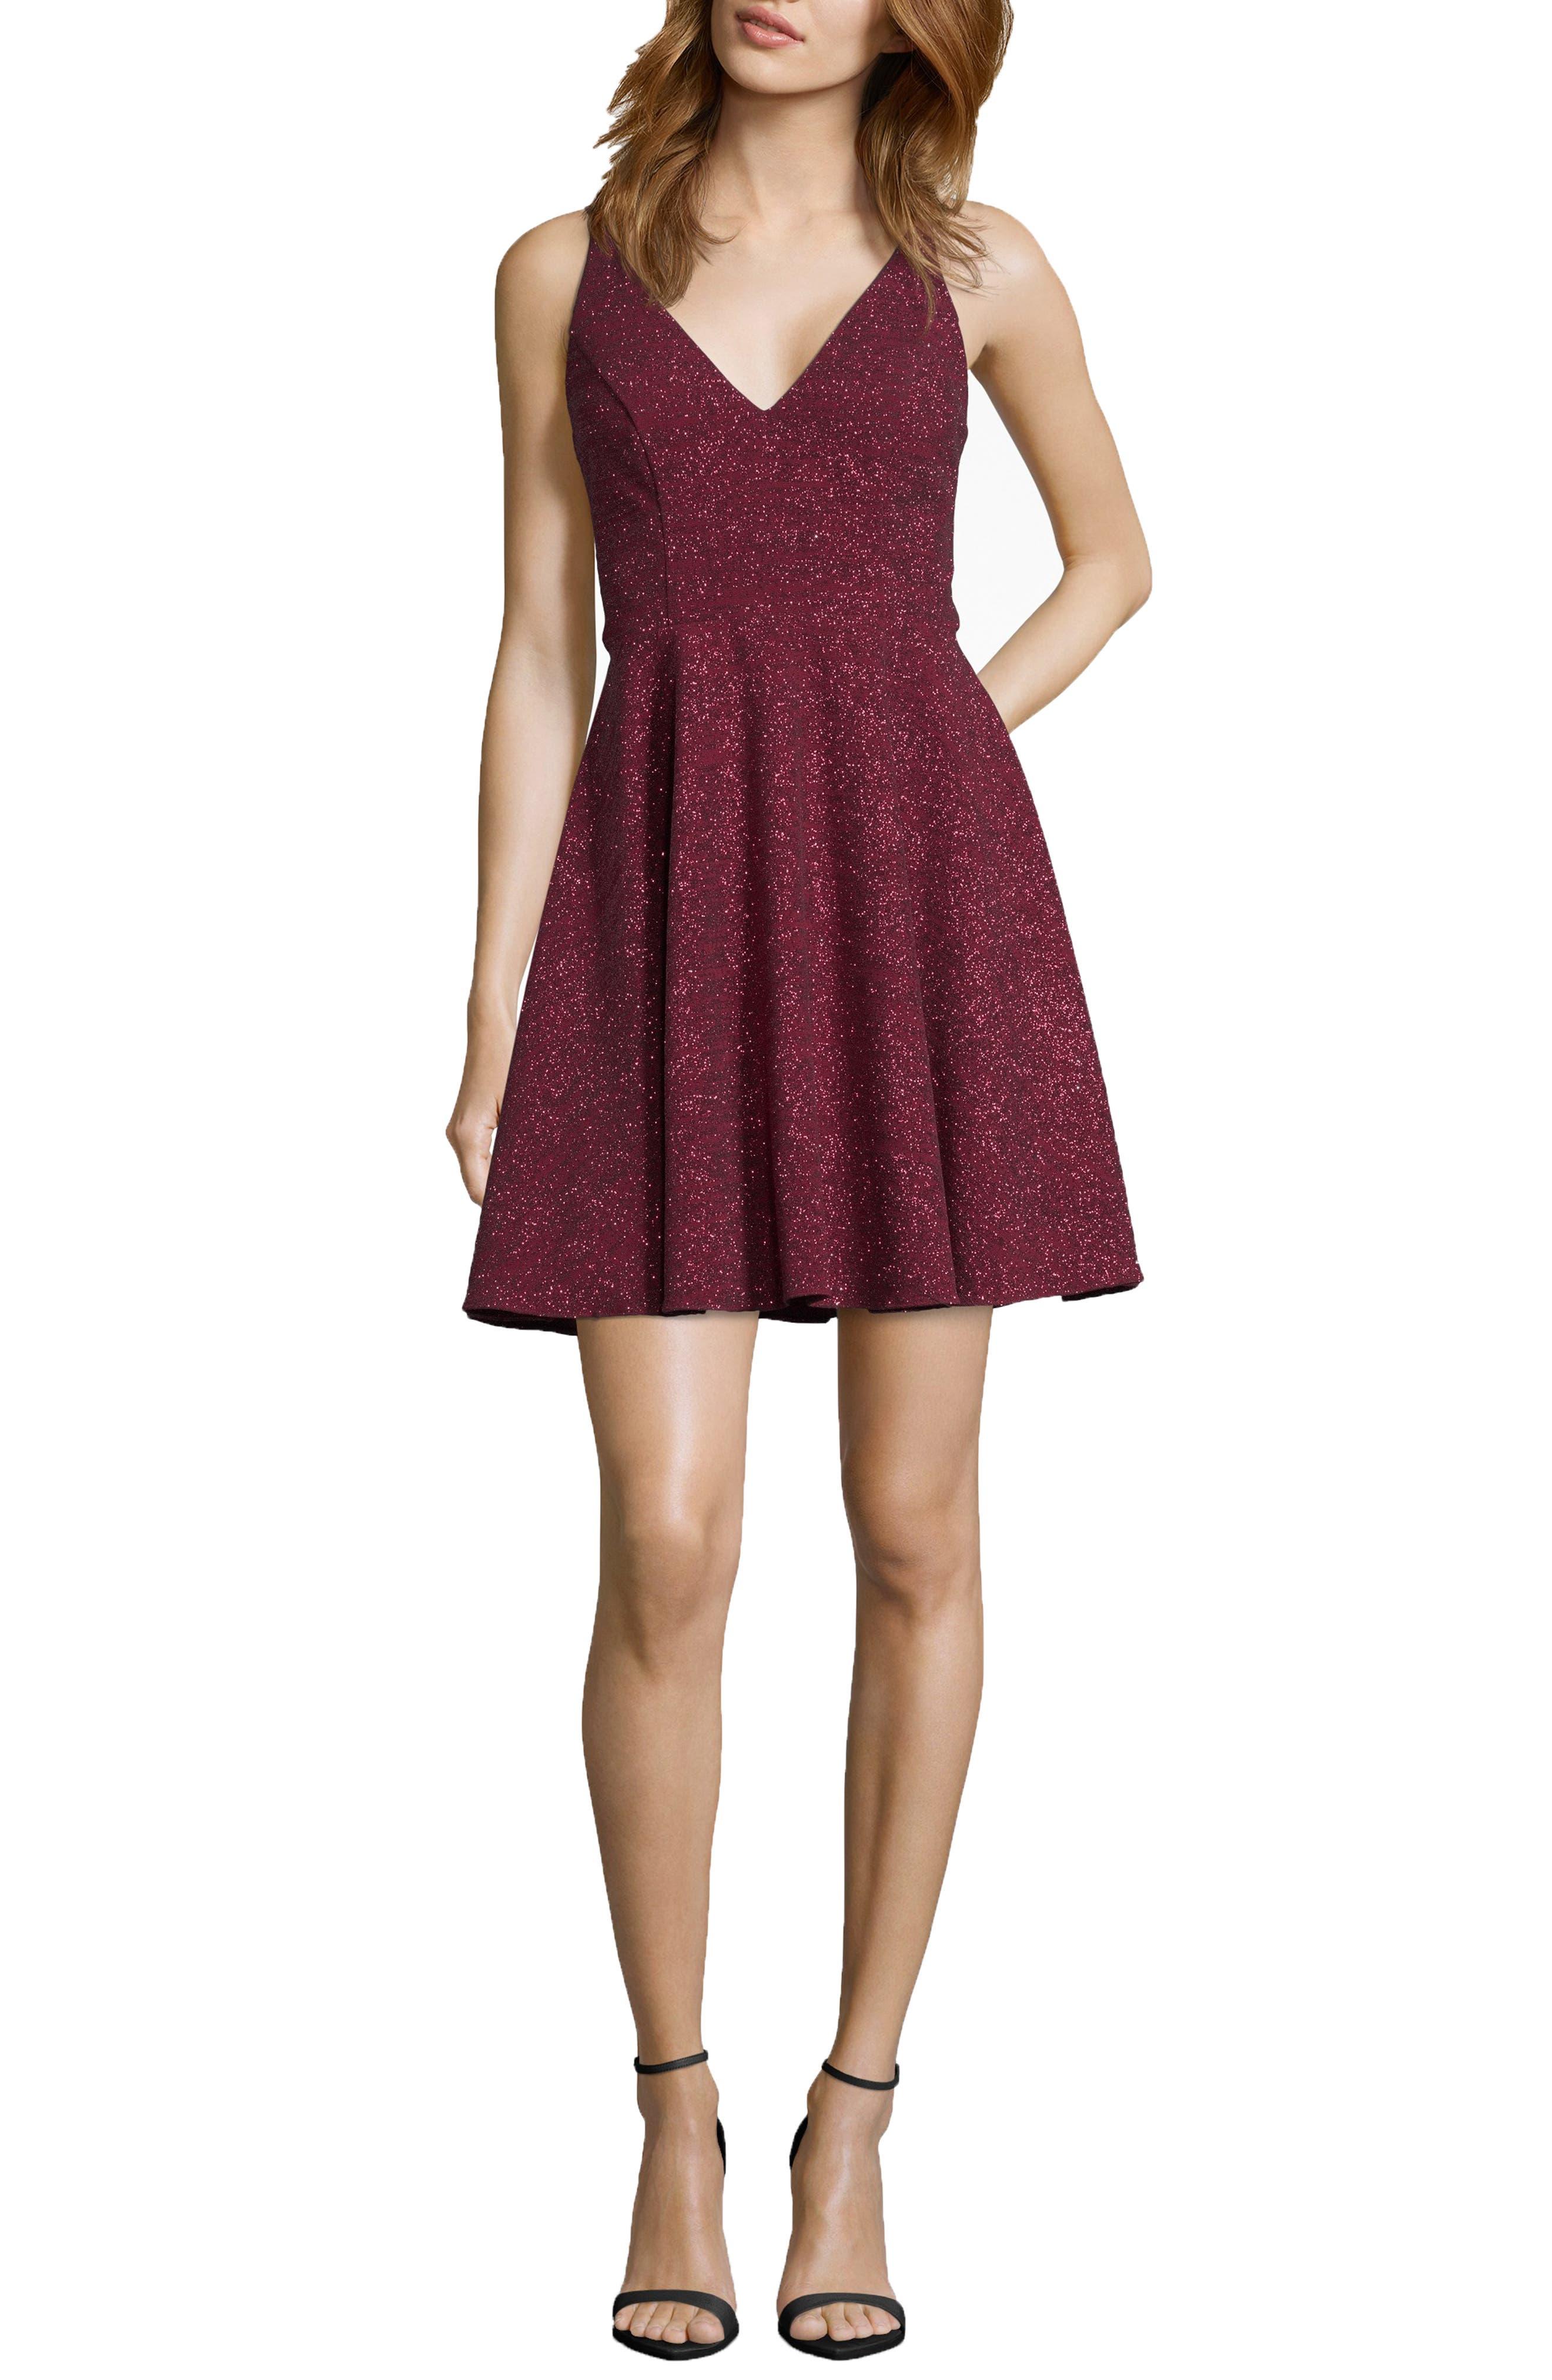 Xscape Glitter V-Neck Party Dress, Burgundy